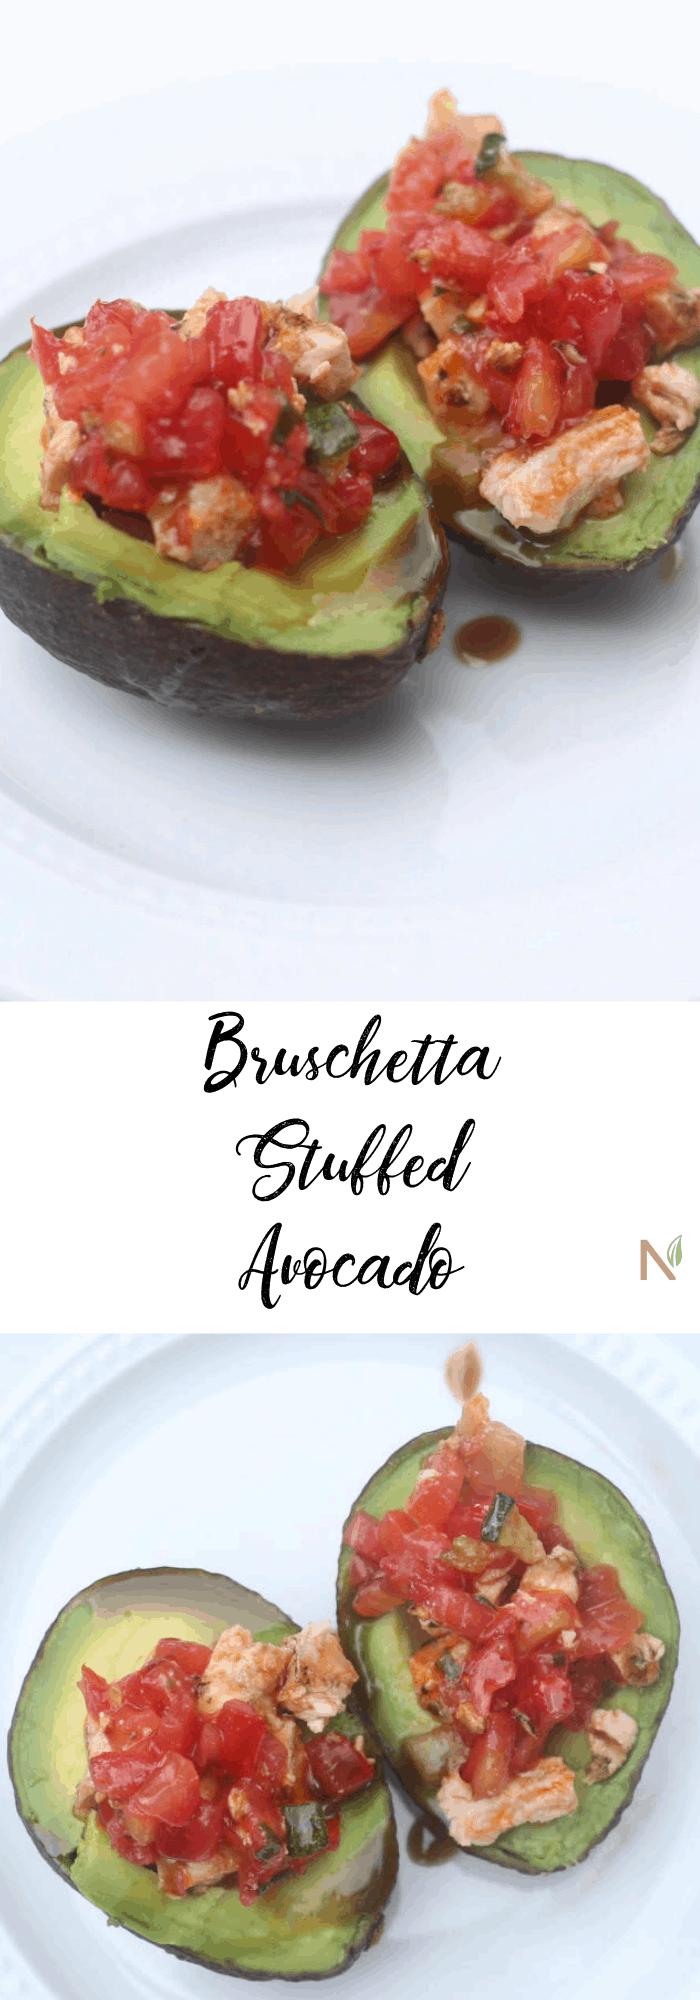 bruschetta chicken avocado